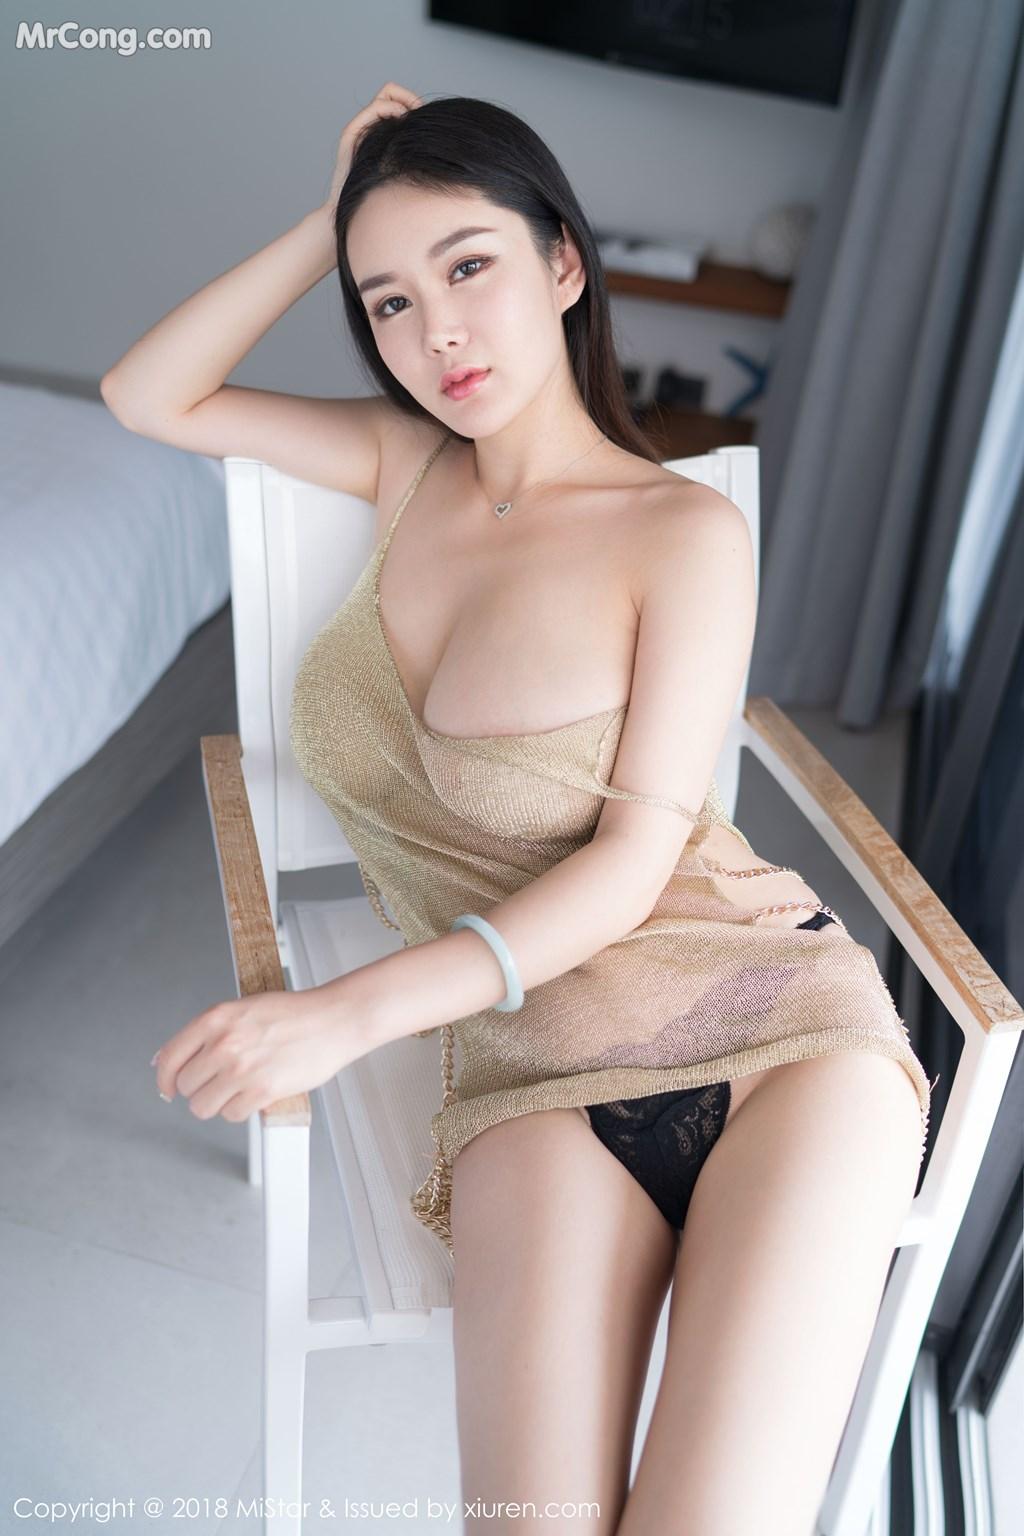 Image MiStar-Vol.224-Silvia-MrCong.com-009 in post MiStar Vol.224: Người mẫu 易阳Silvia (36 ảnh)